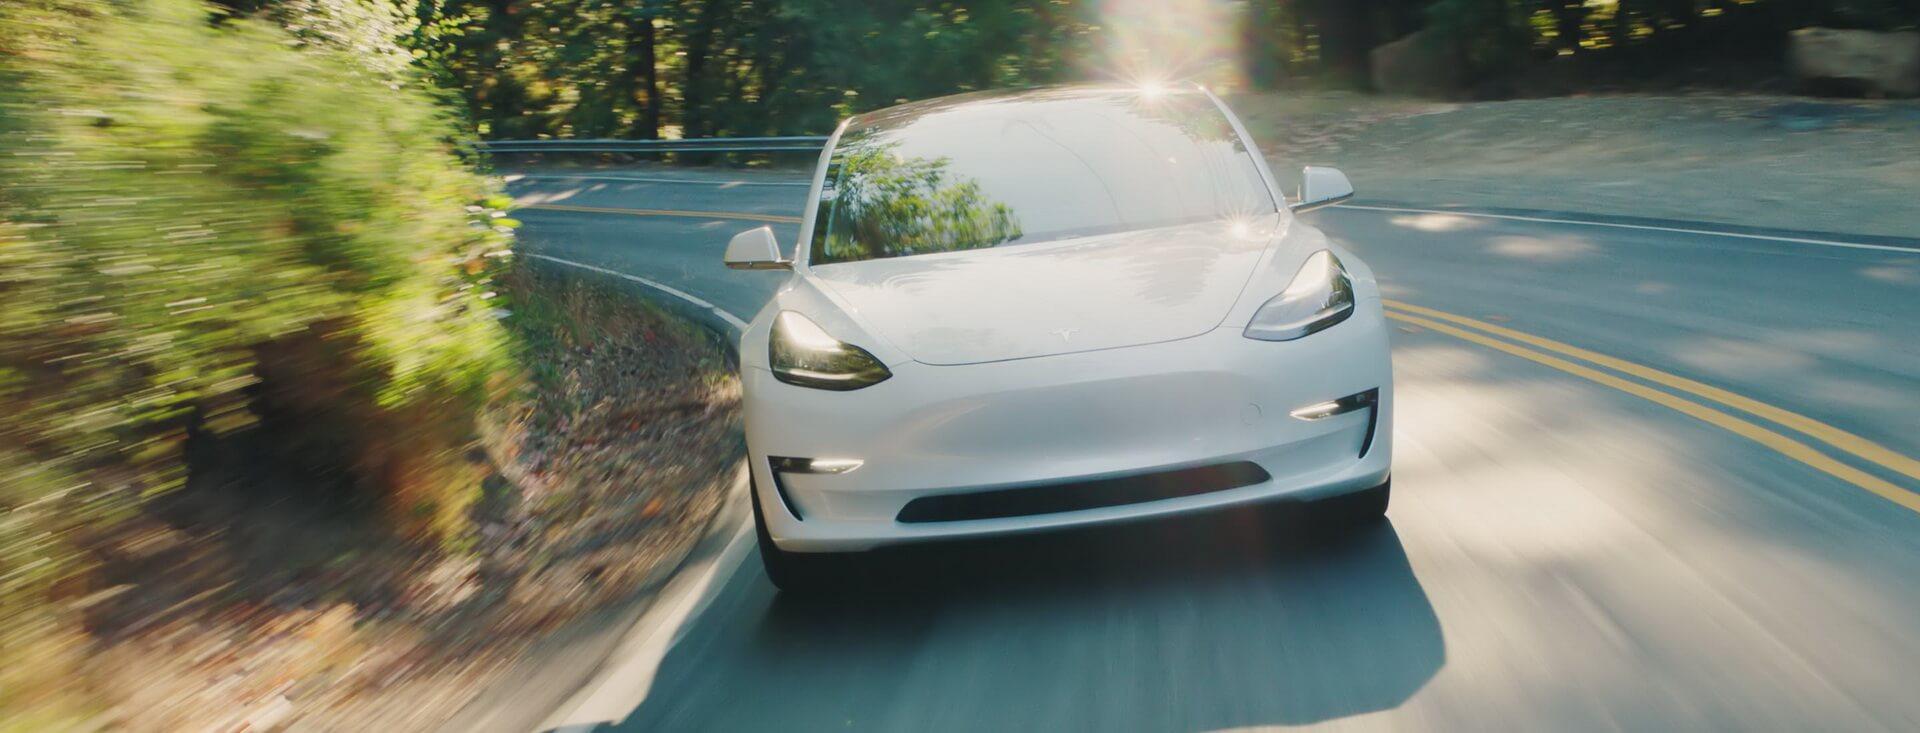 Tesla Model 3 — вид спереди